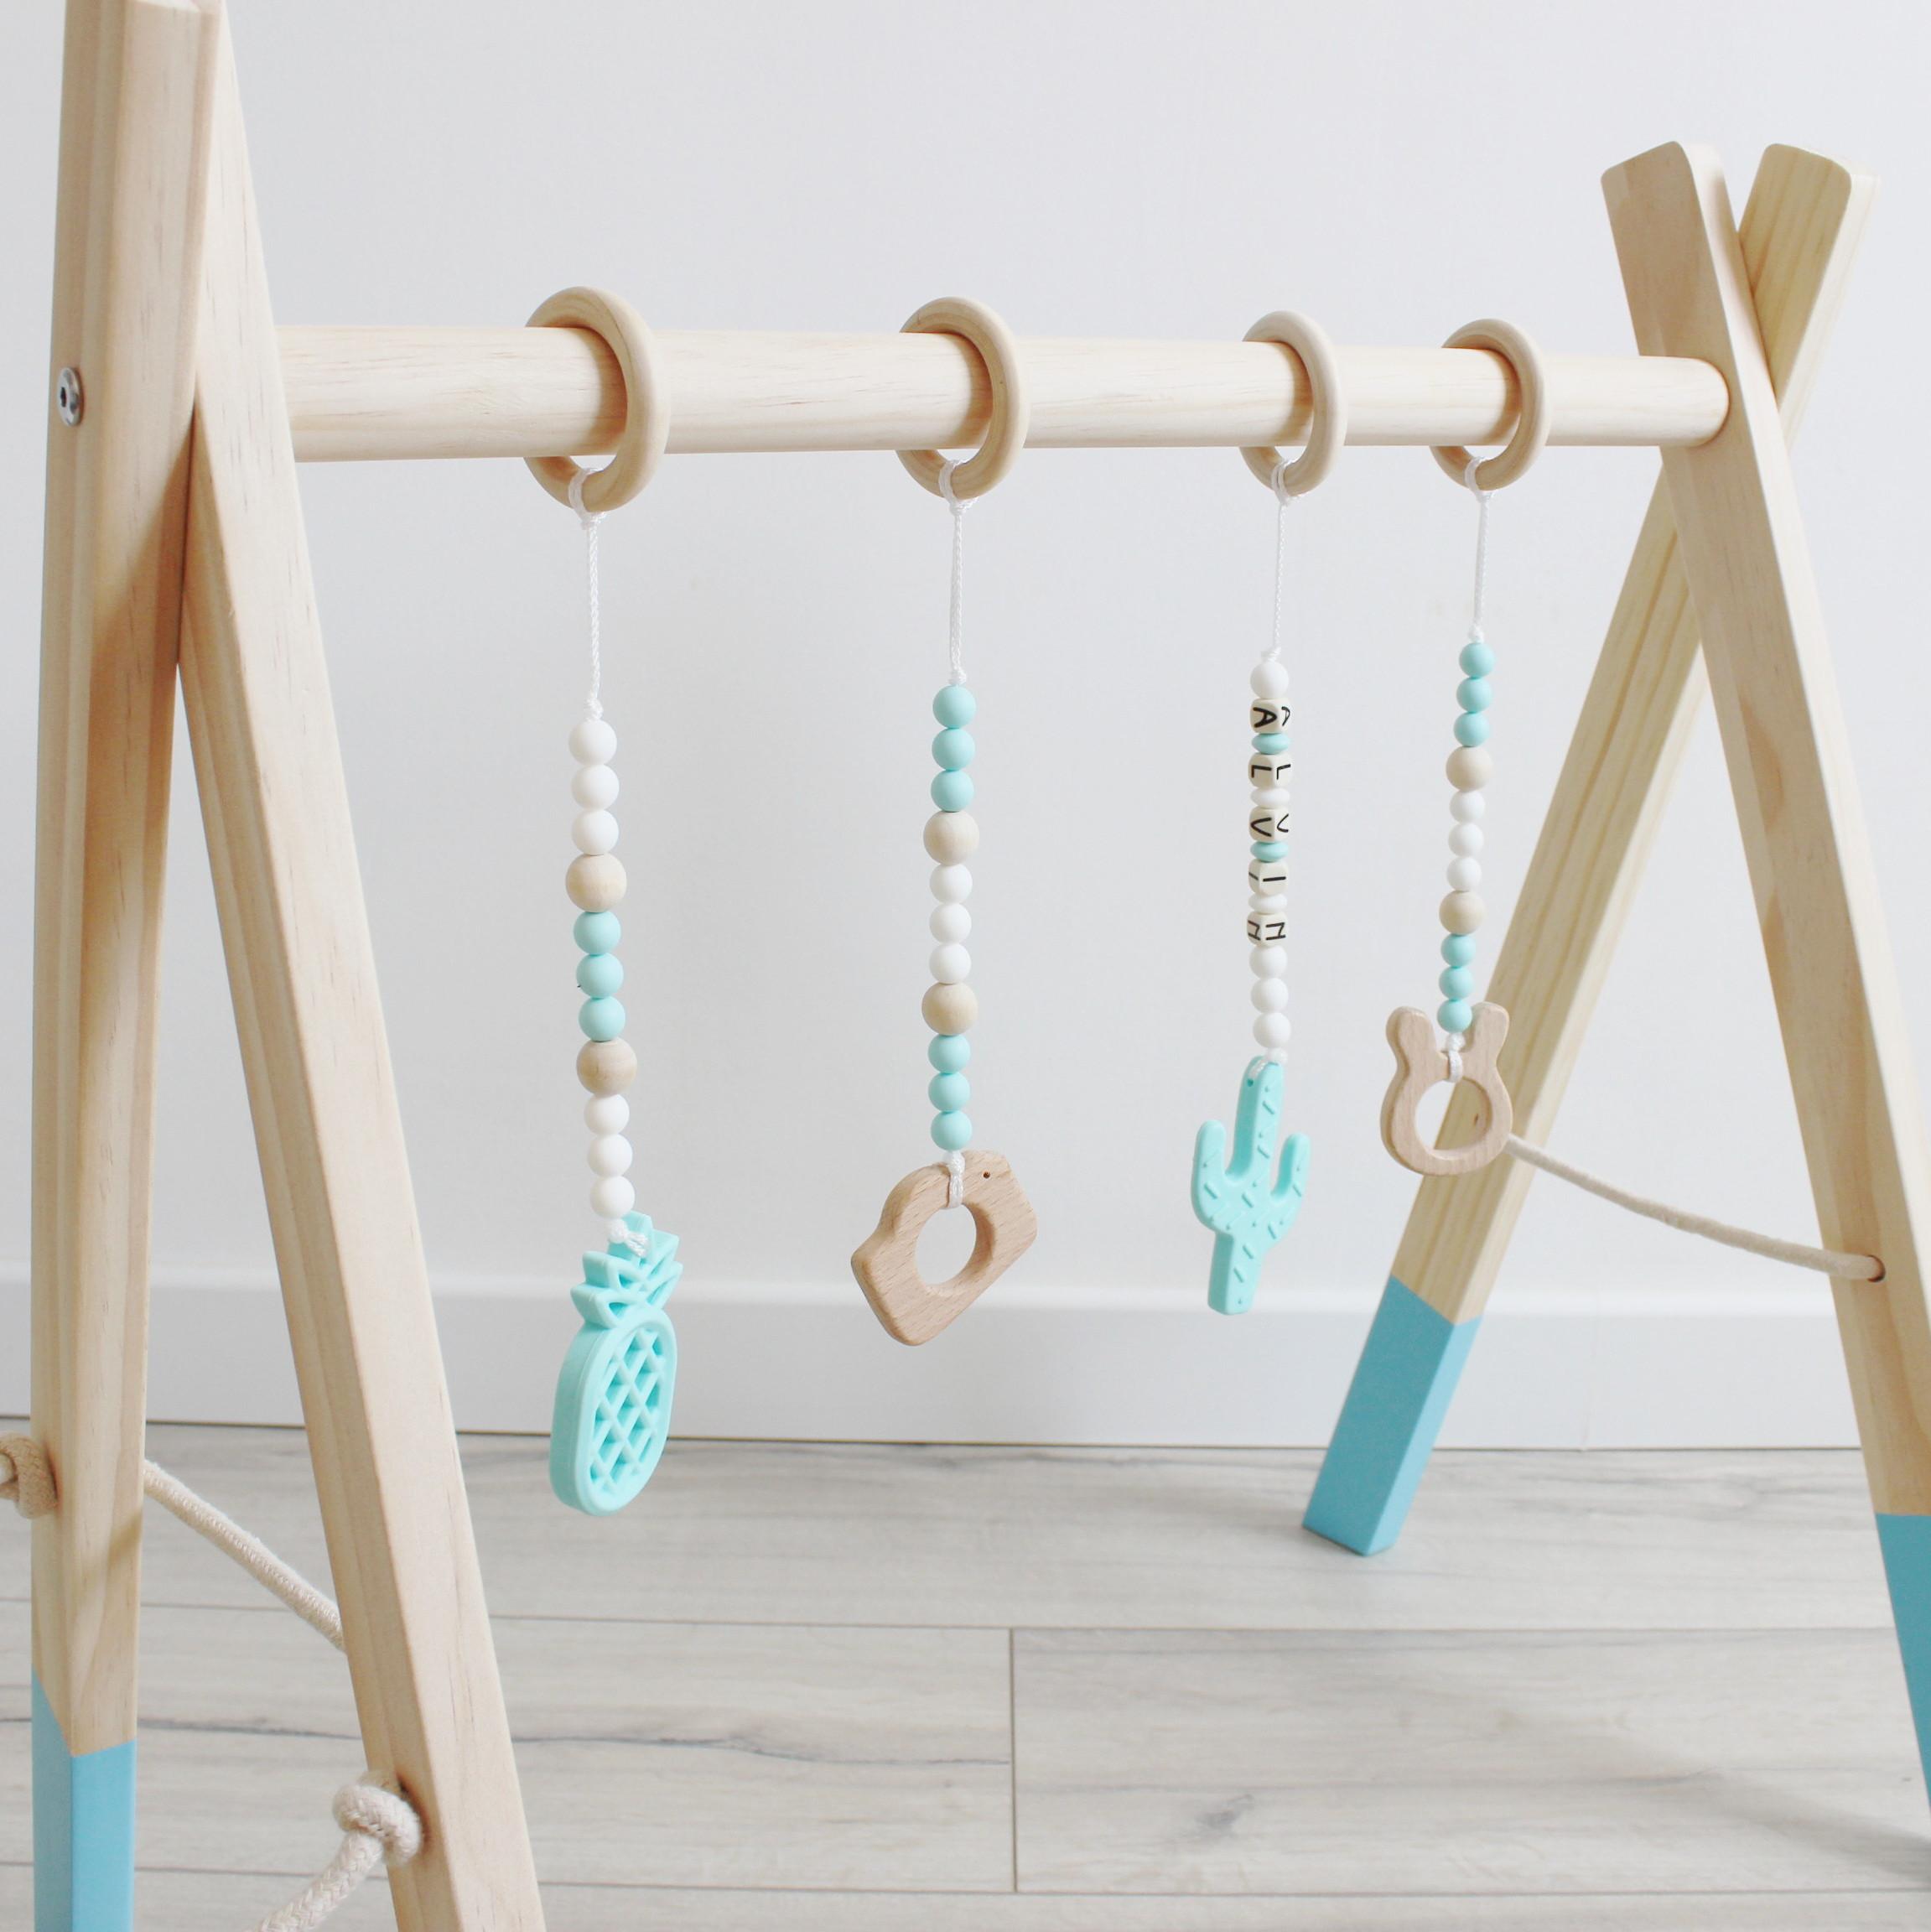 suspension d 39 veil donut pour portique couleur bois blanc bleu elyce creation. Black Bedroom Furniture Sets. Home Design Ideas